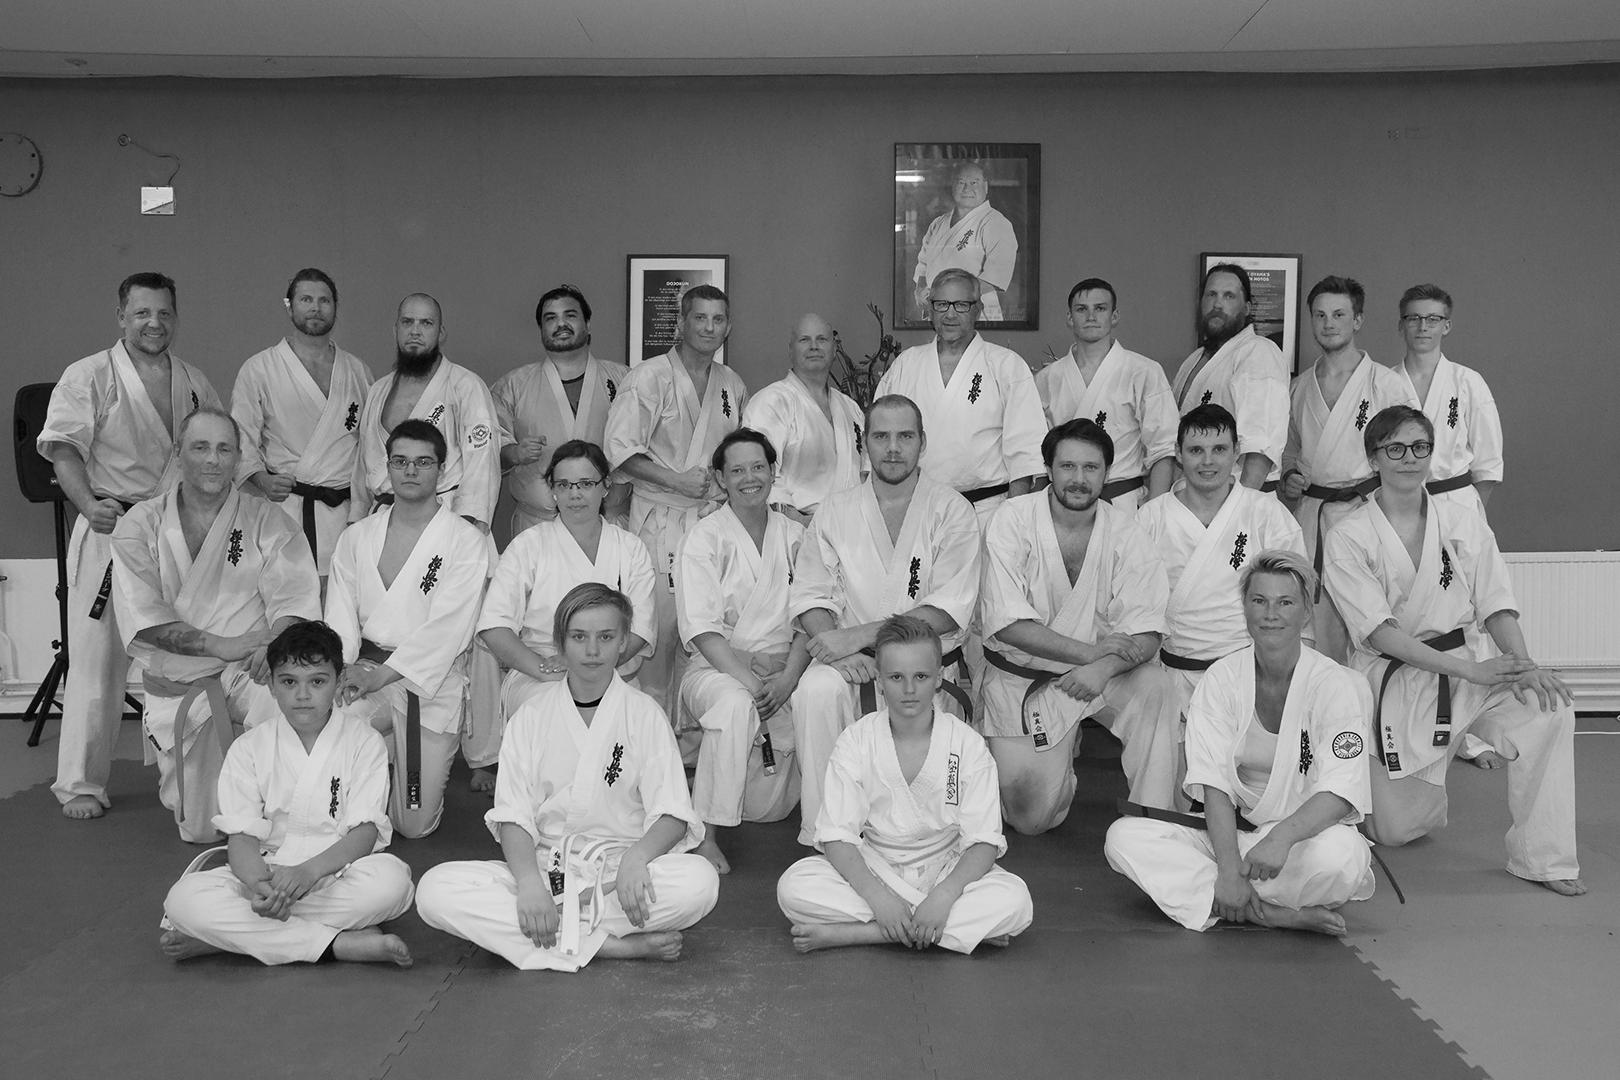 Vi har ett gott samarbete med kyokushin karateklubbarna i regionen. Denna bild kommer från ett  fightingläger i vår Dojo, Vt 2018.